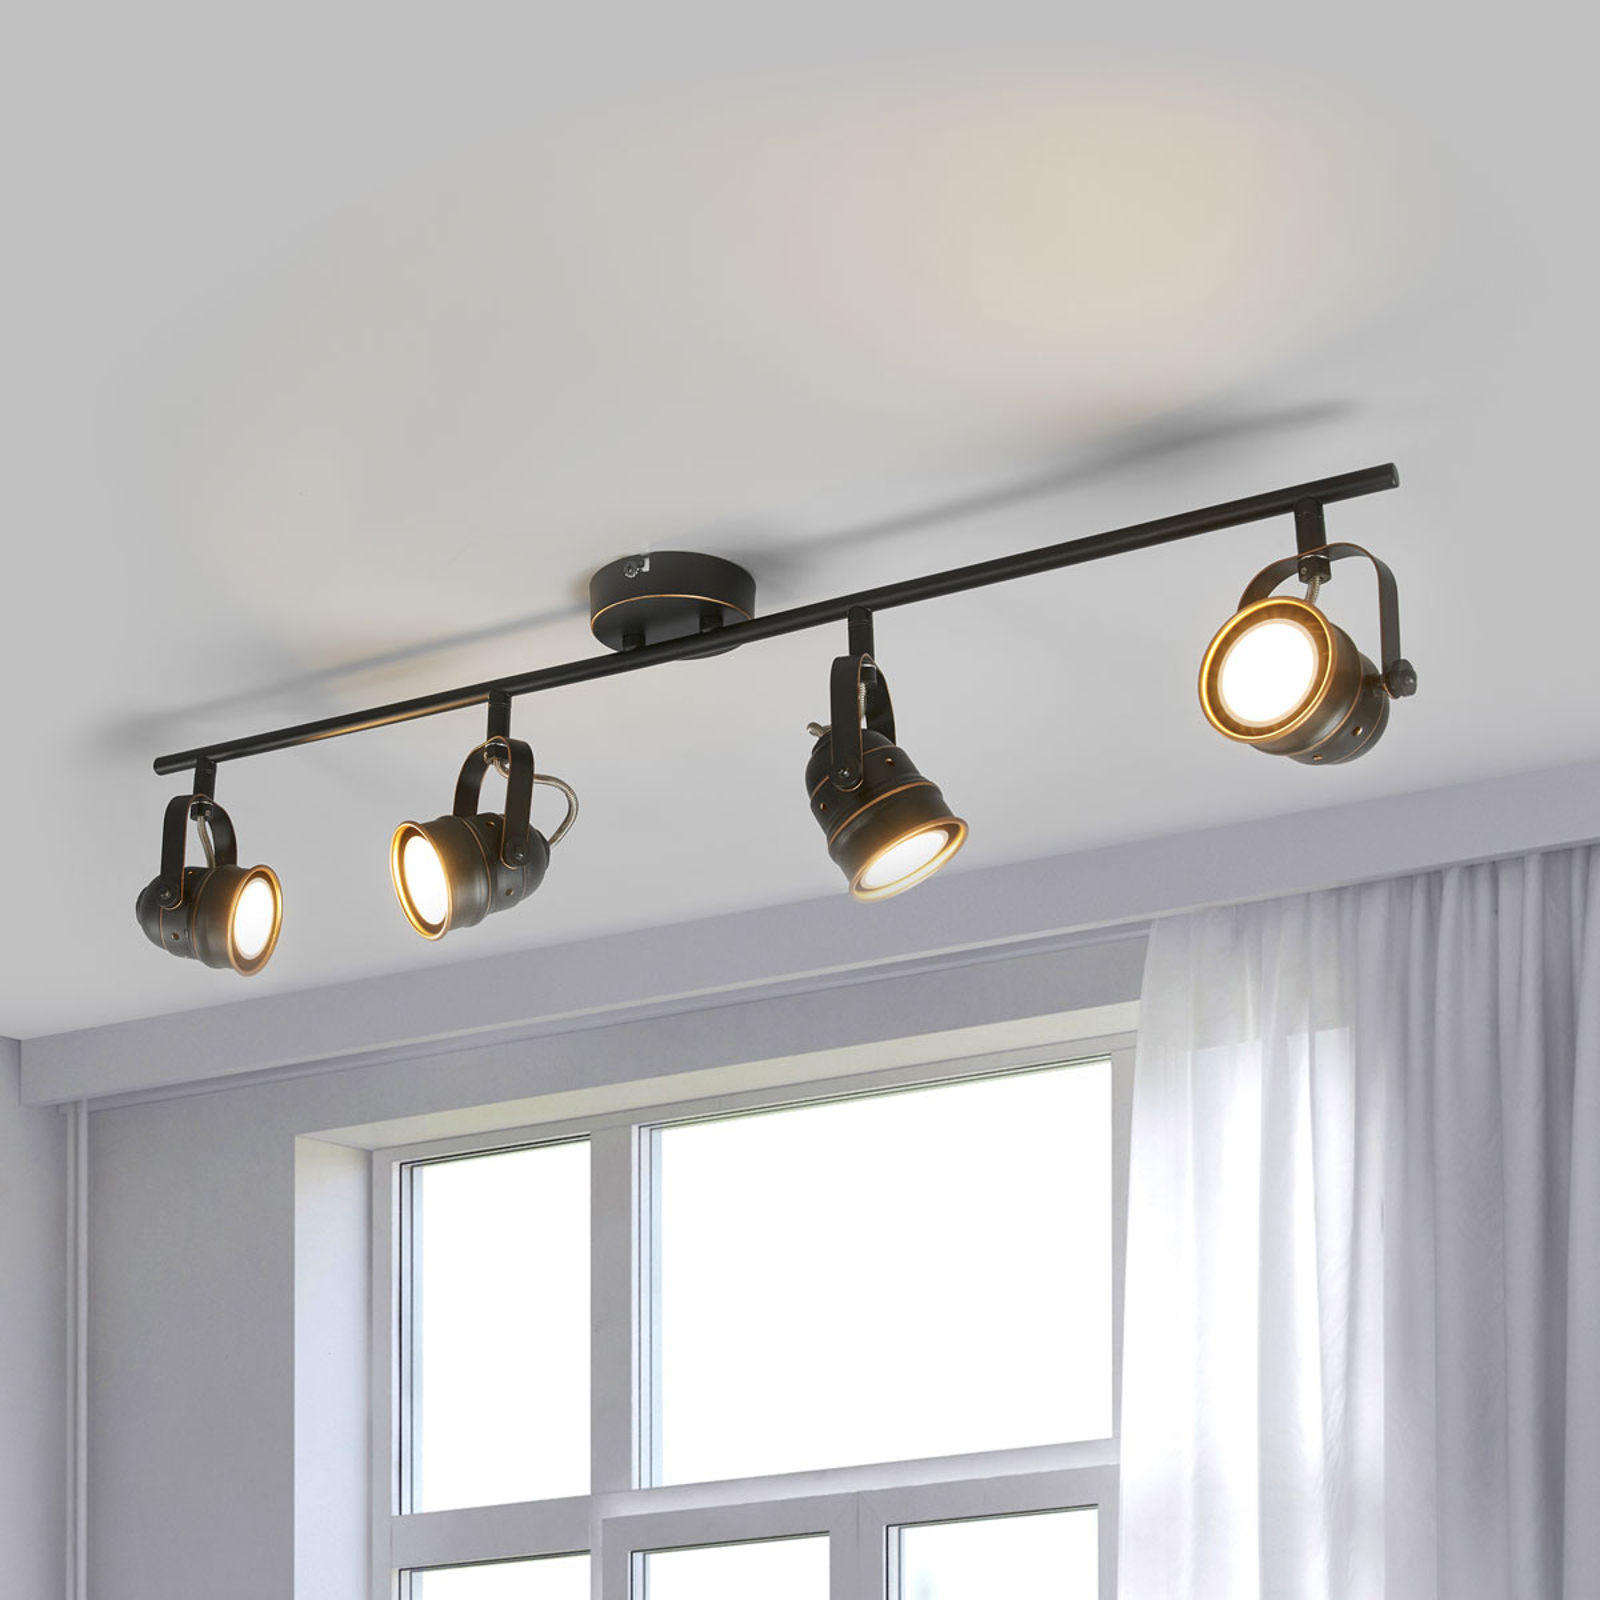 LED-vägglampa Leonor i svart-guld, fyra ljuskällor